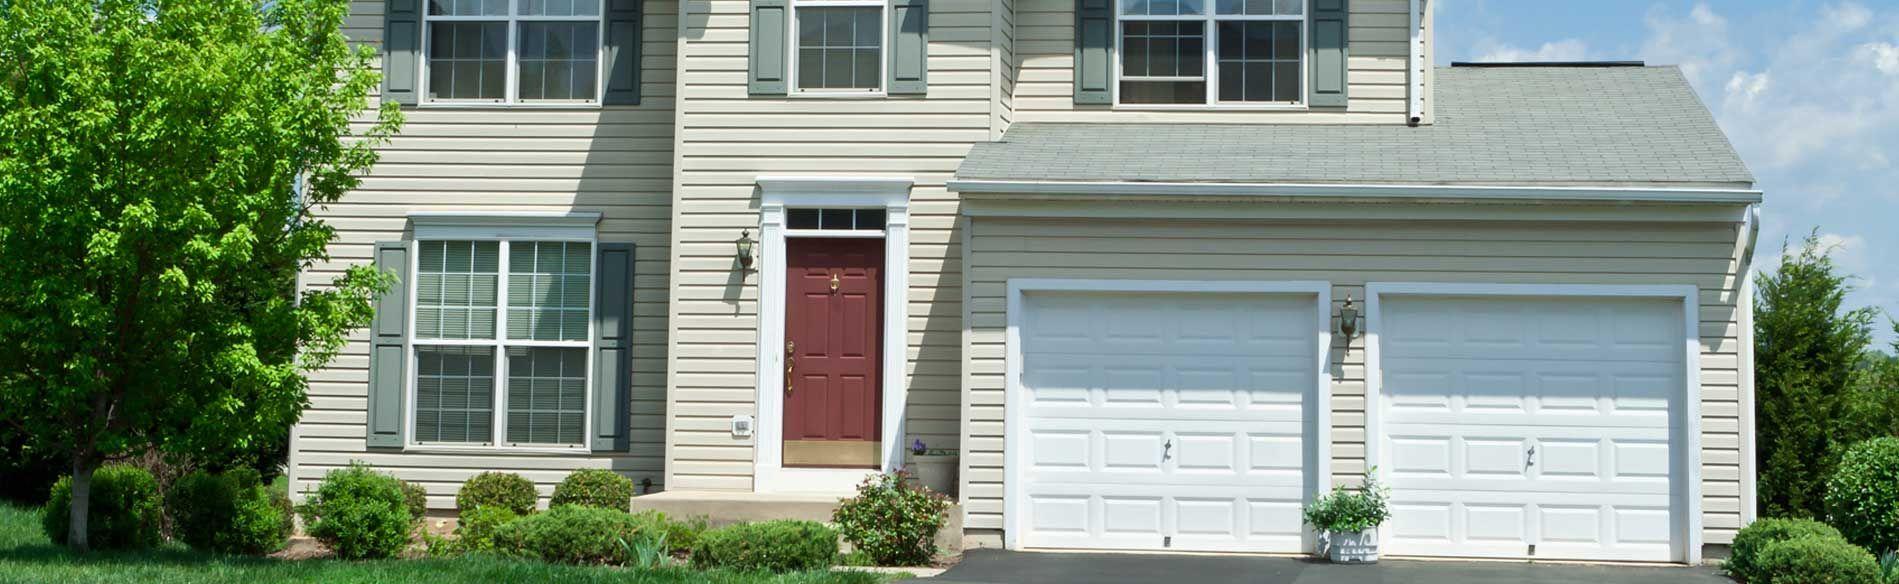 Garage Door Repair Fountain Valley Ca. Garage Door Repair Lake Forest